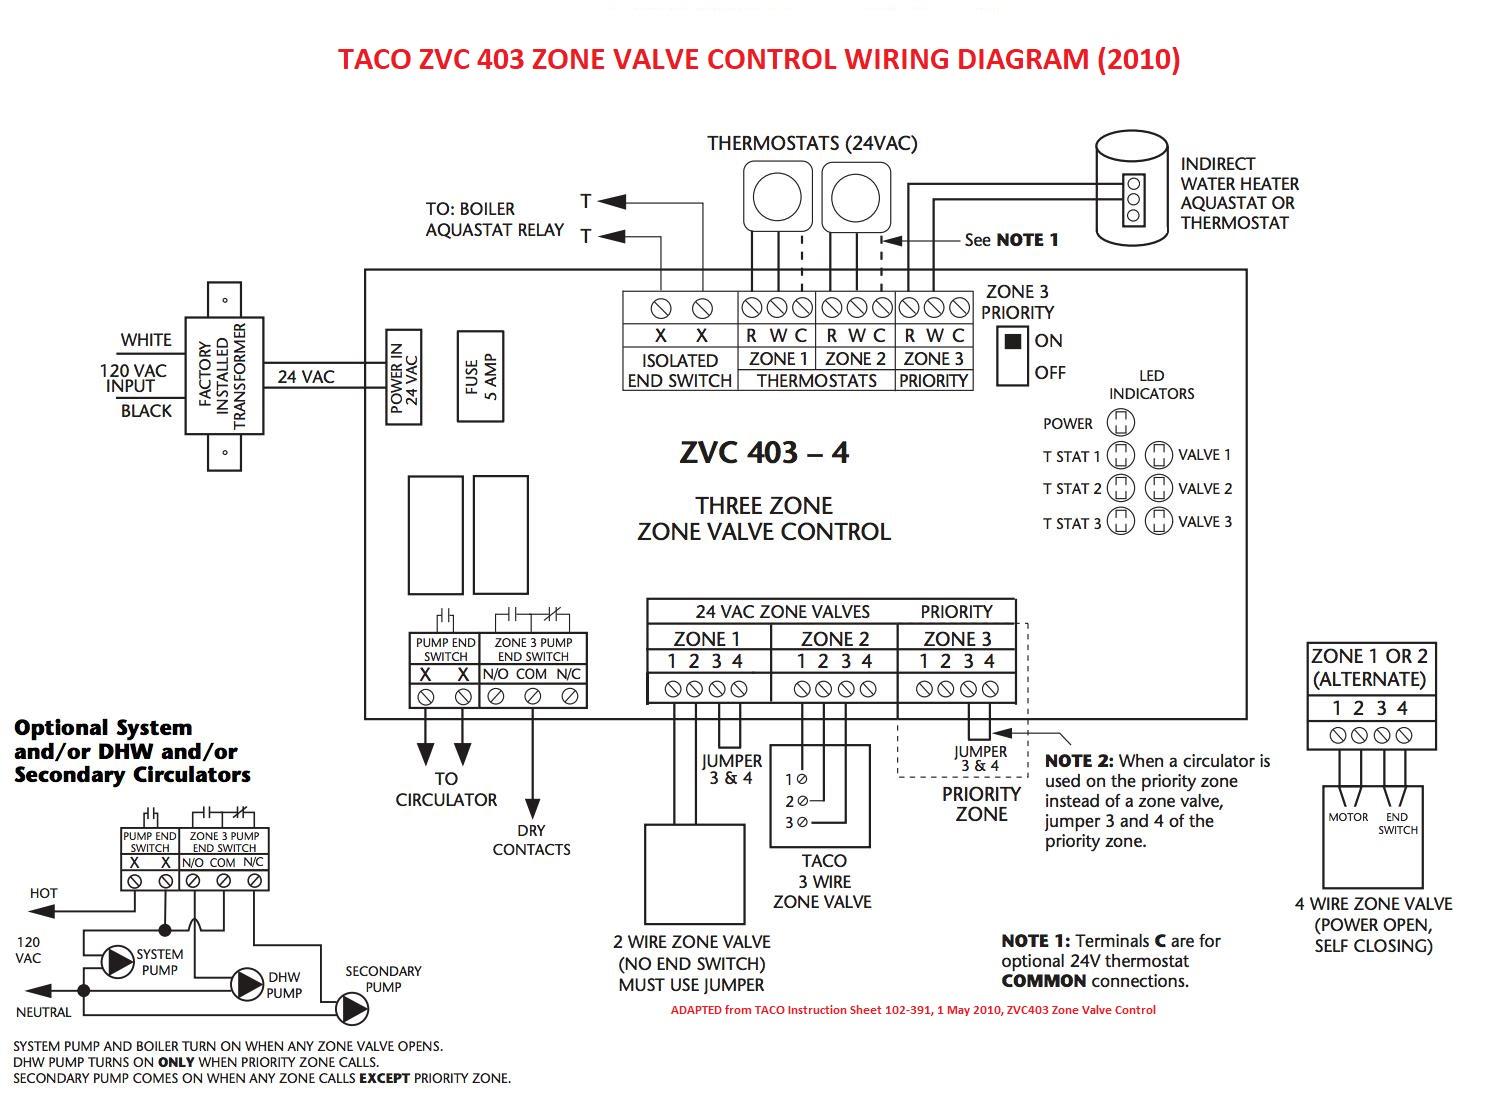 taco 006 wiring diagram wiring diagram Taco 006 Wiring Diagram taco 006 wiring diagram schematic diagramtaco 006 wiring diagram wiring data diagram taco piping diagrams taco